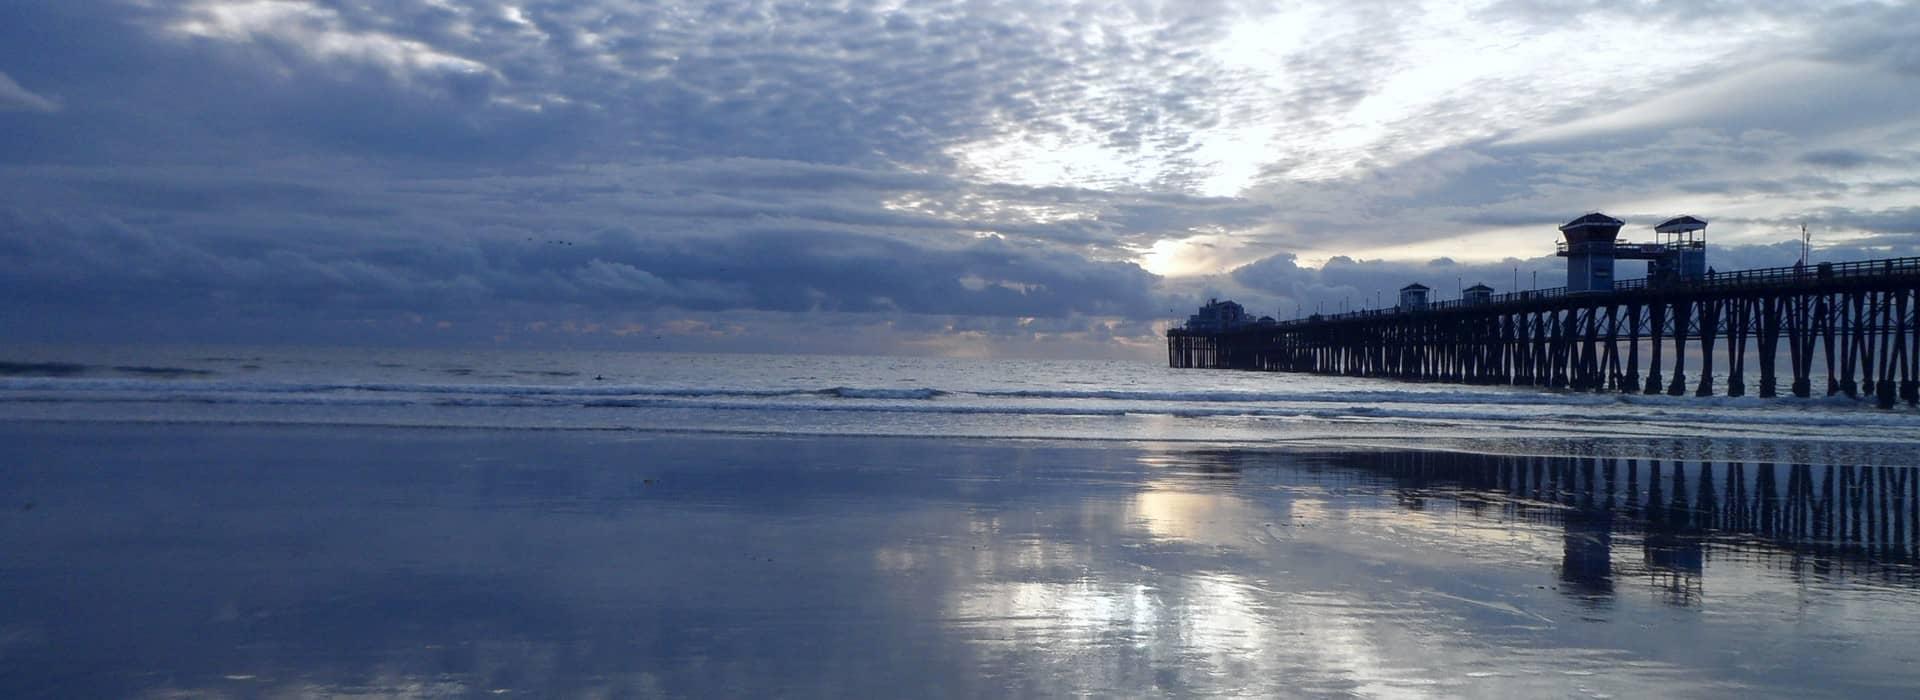 San Diego Vacation Rentals | Mission Beach Vacation Rentals | Luxury  Mission Beach Vacation Rentals